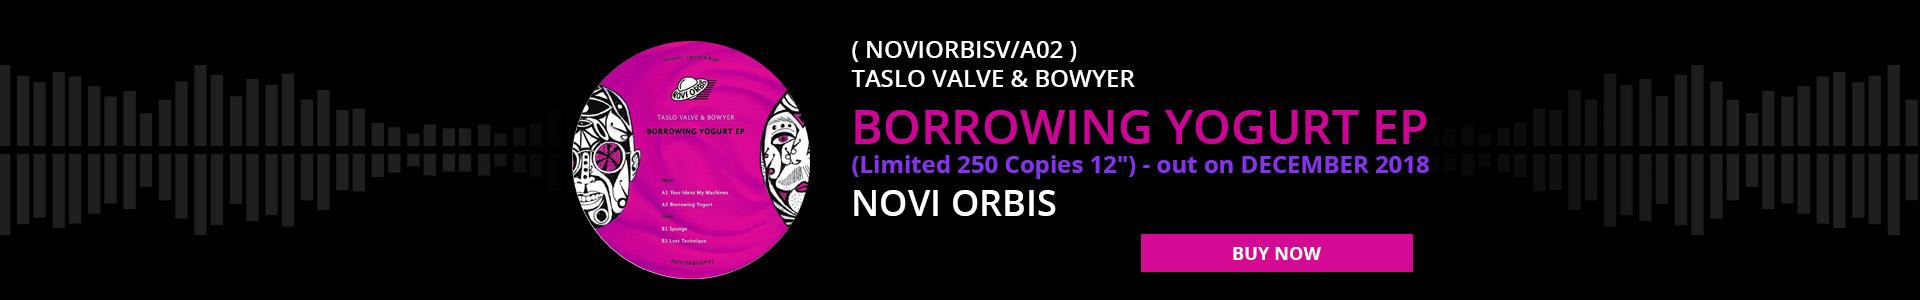 ( NOVIORBISV/A01 ) SIGNALS FROM BETA GRUIS